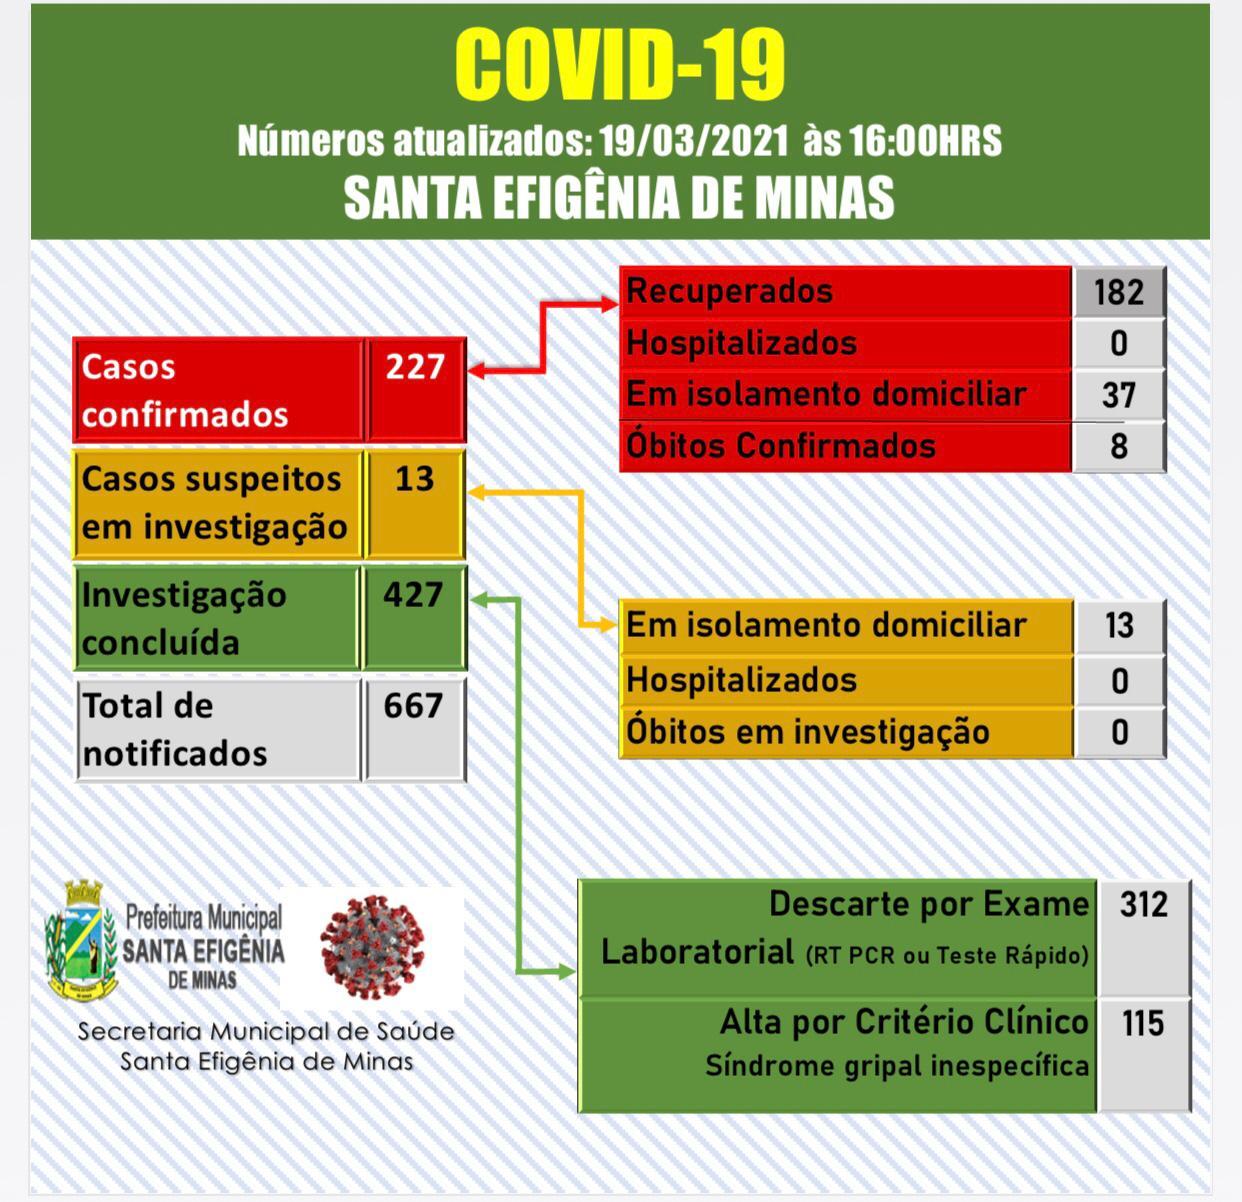 BOLETIM OFICIAL CORONAVÍRUS 19 DE MARÇO DE 2021